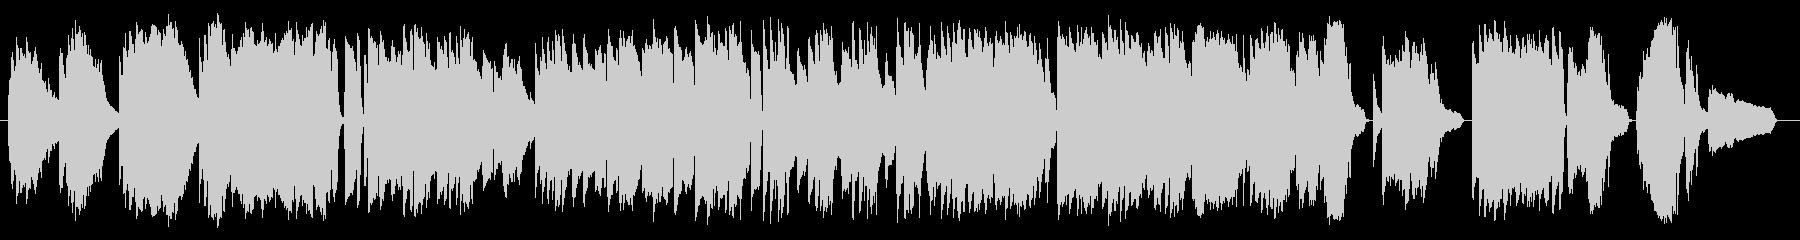 映画「カサブランカ」、ピアノソロの未再生の波形